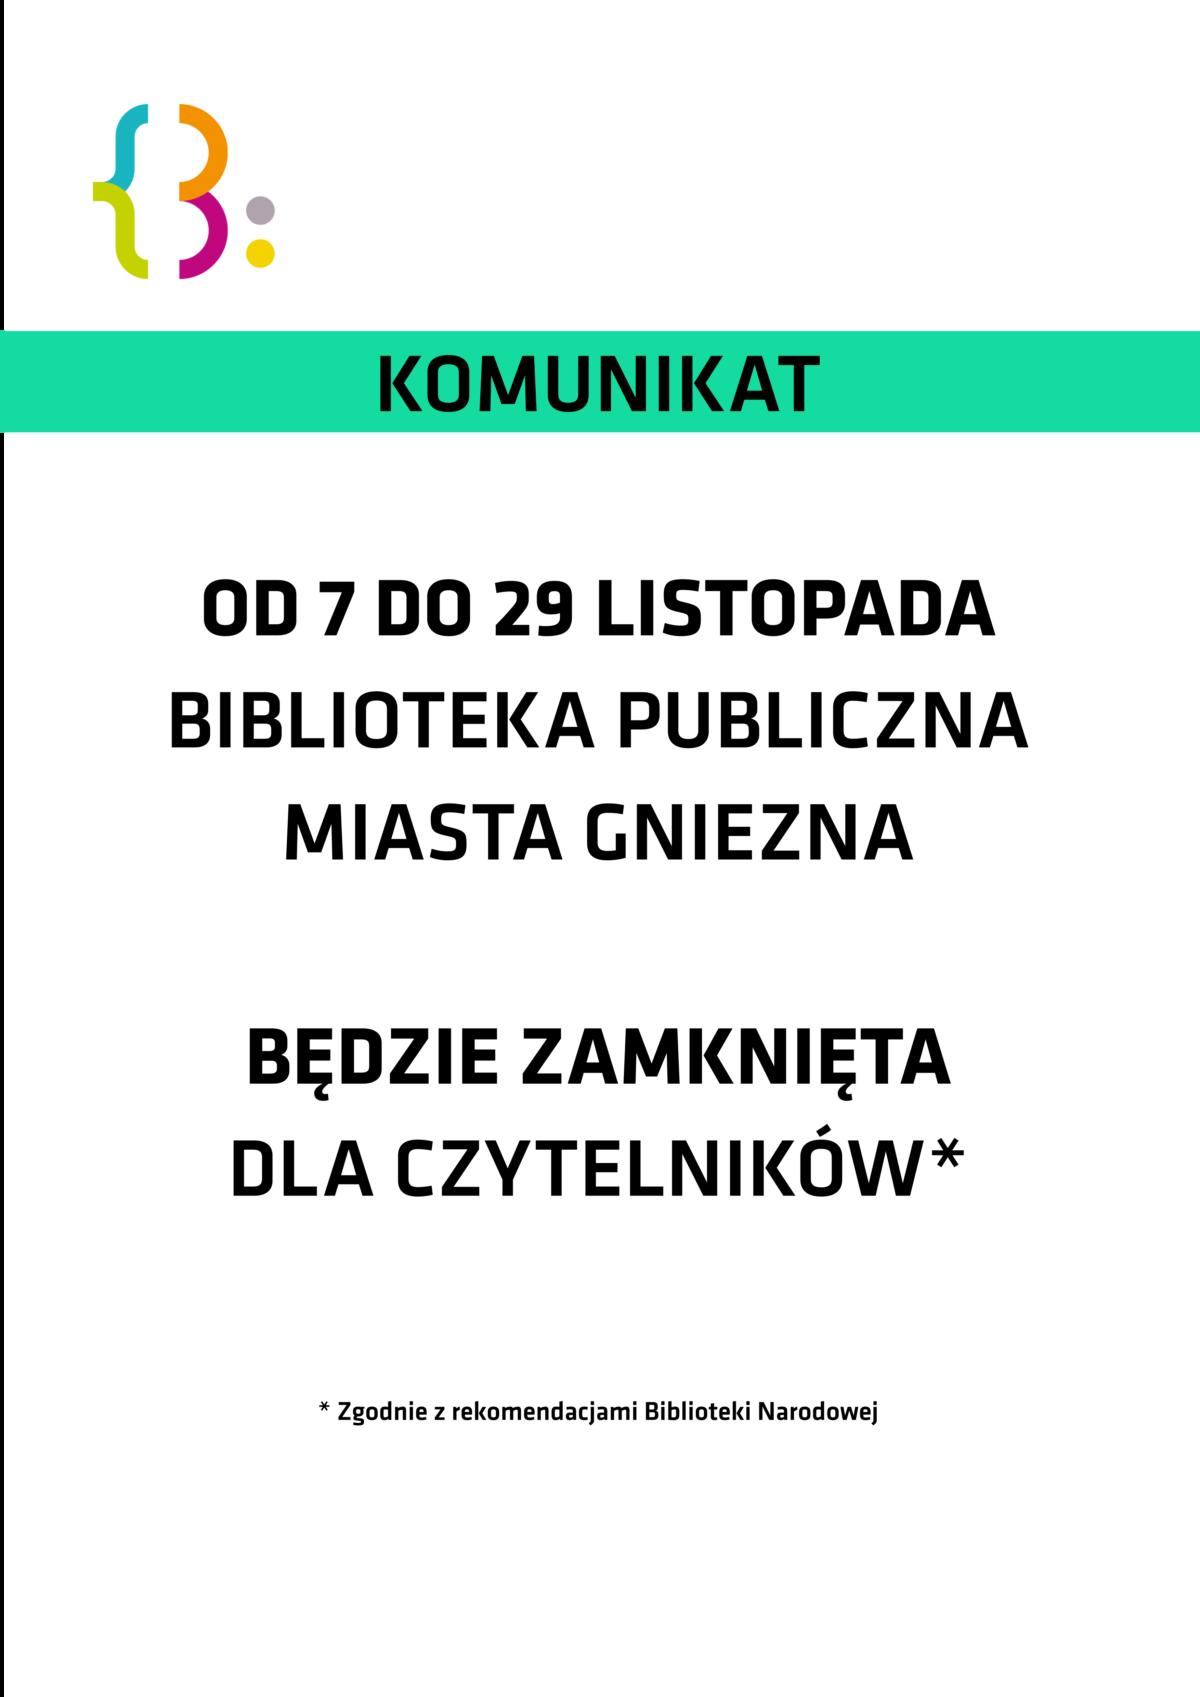 Biblioteka Publiczna Miasta Gniezna zamknięta dla czytelników od 7 do 29 listopada br.